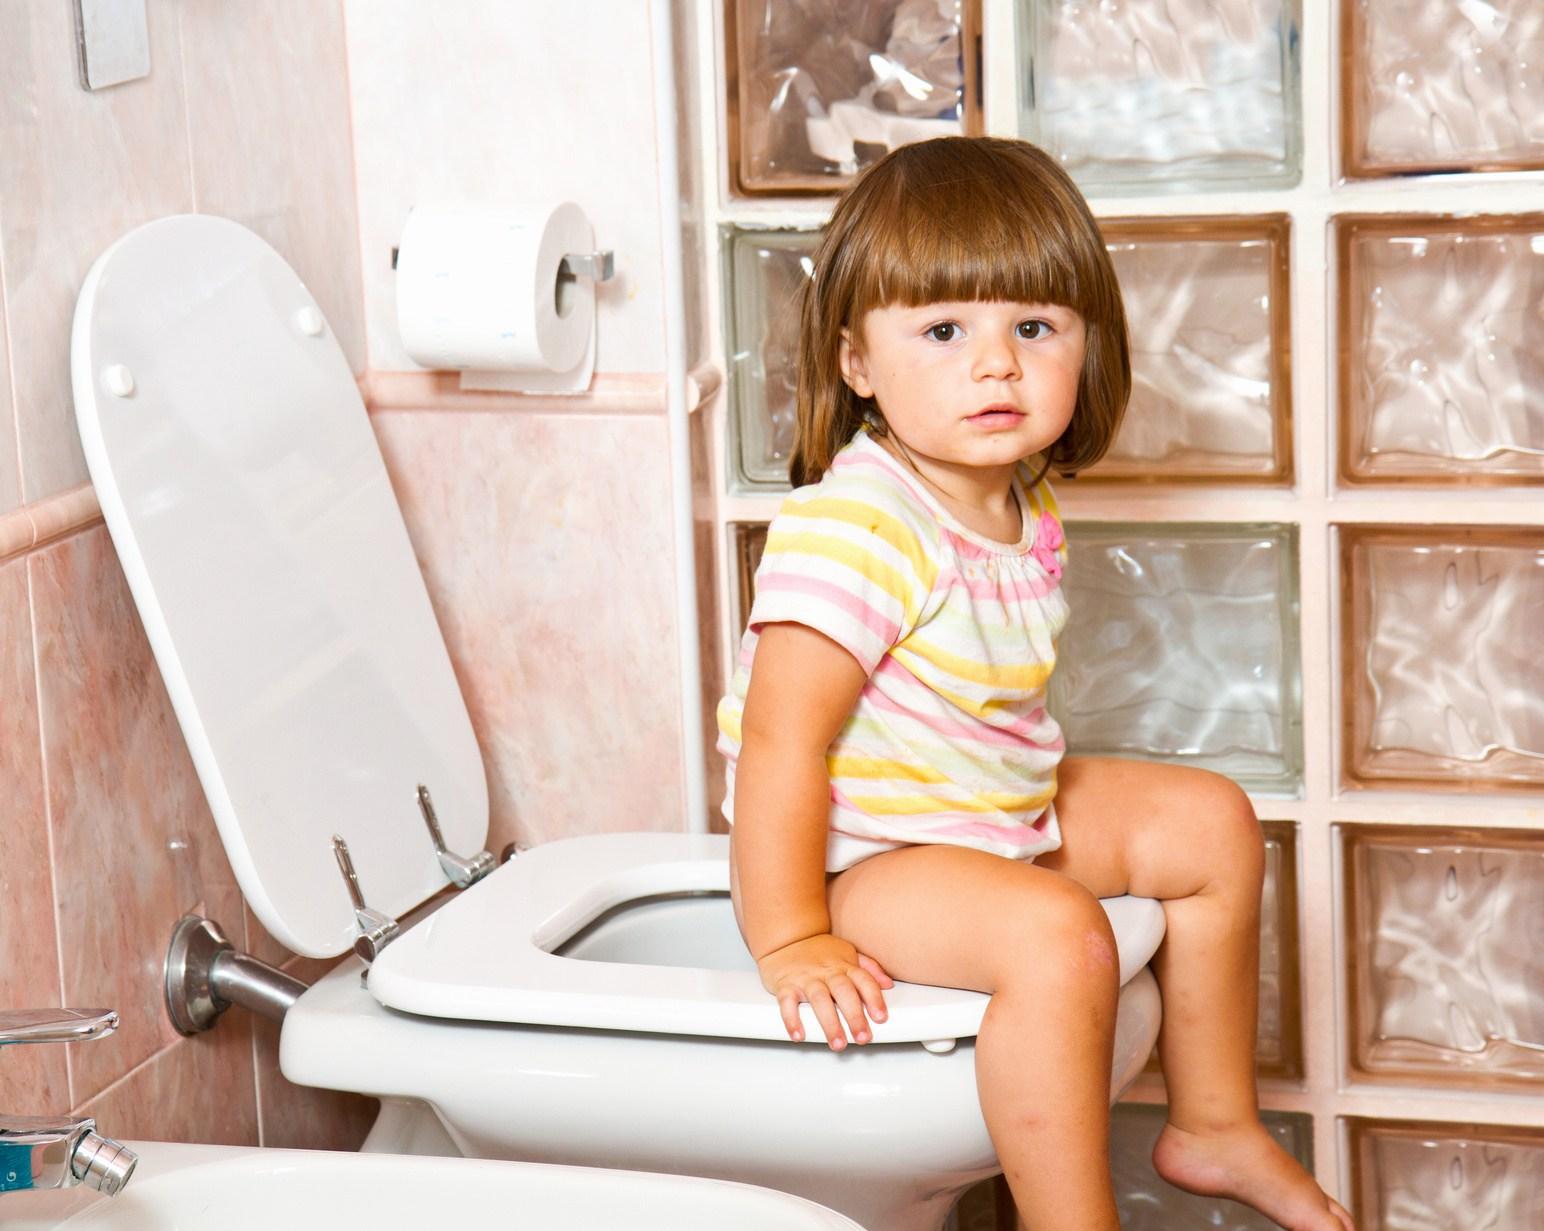 双子のトイレトレーニング、幼稚園入園までに間に合わないかも…。